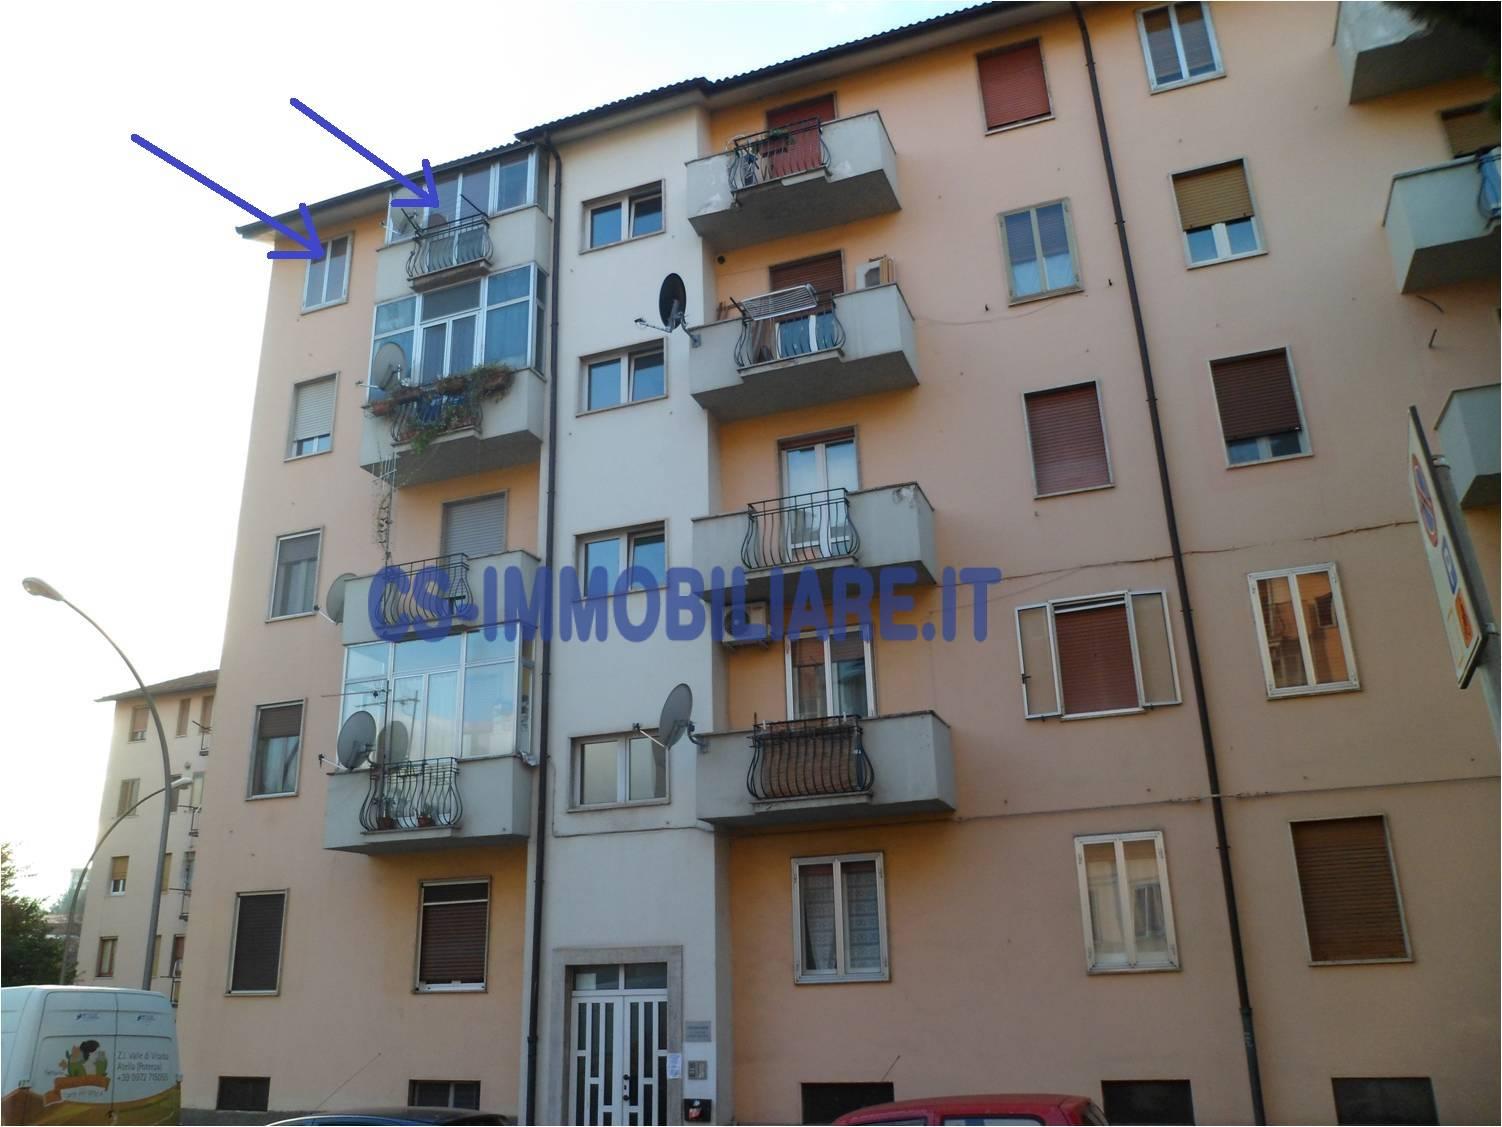 Appartamento in affitto a Potenza, 3 locali, zona Località: RioneLucania, prezzo € 290 | CambioCasa.it